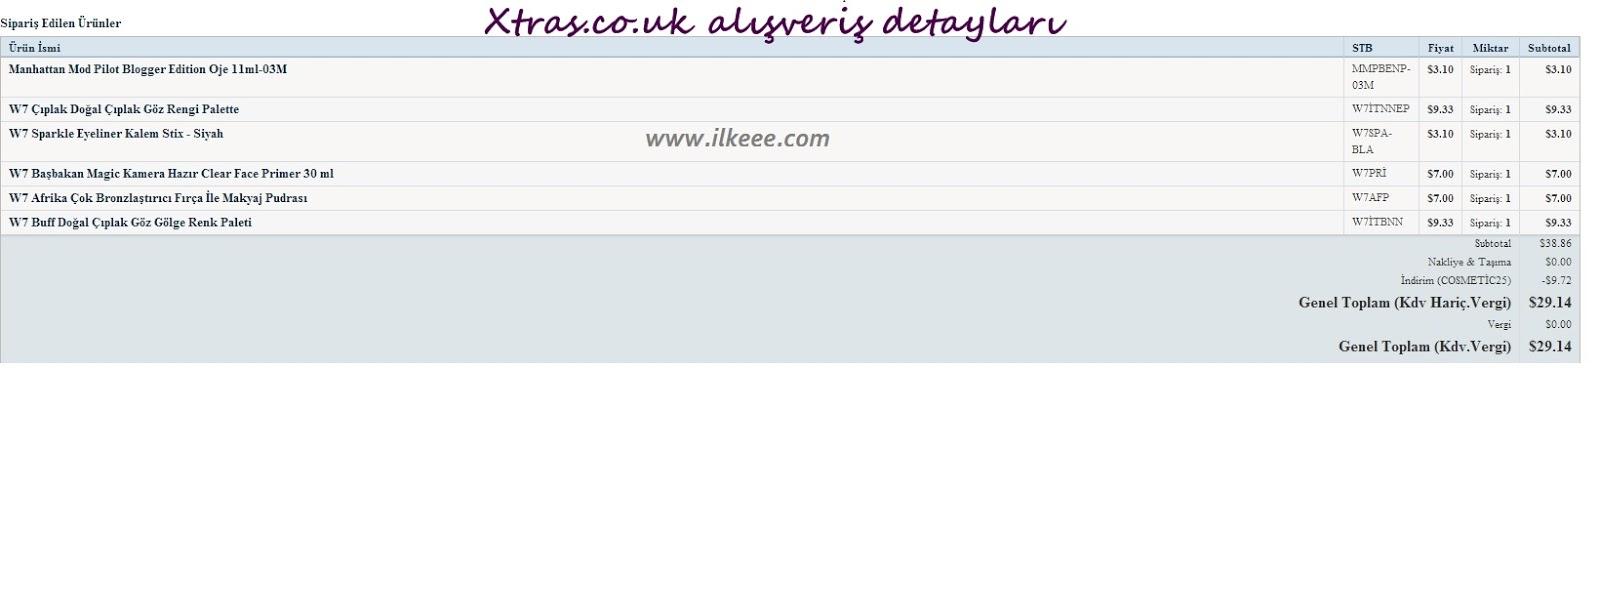 xtras.co.uk alışverişi - xtras.co.uk - xtras w7 ürünleri - naked dupe w7 - benefit dupe w7 - too faced dupe w7 - w7 ürünleri kullananlar